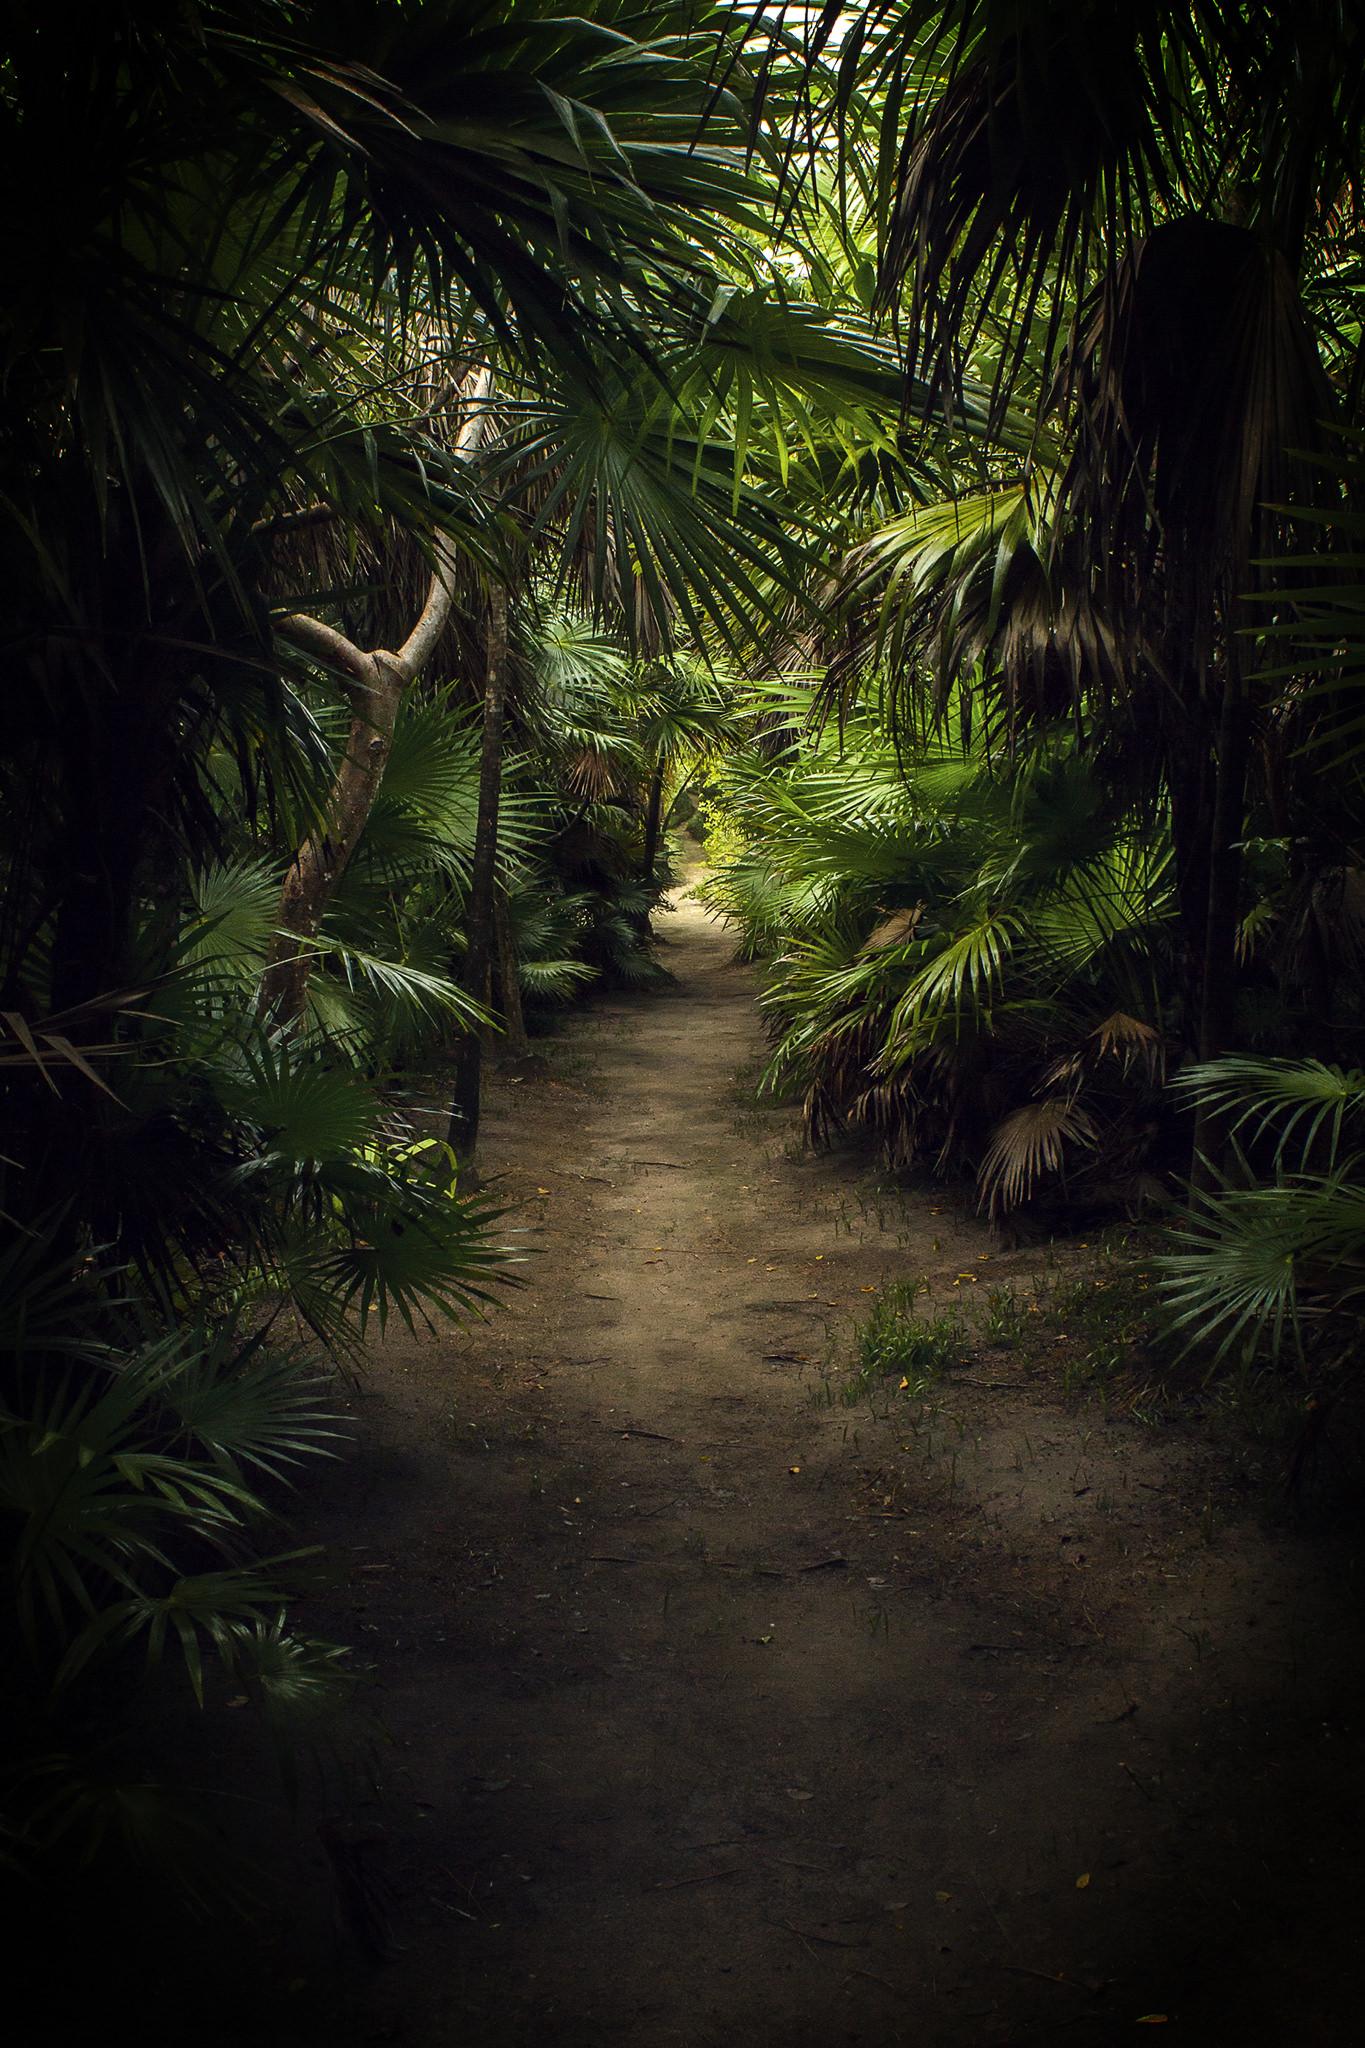 Punta Allen selva